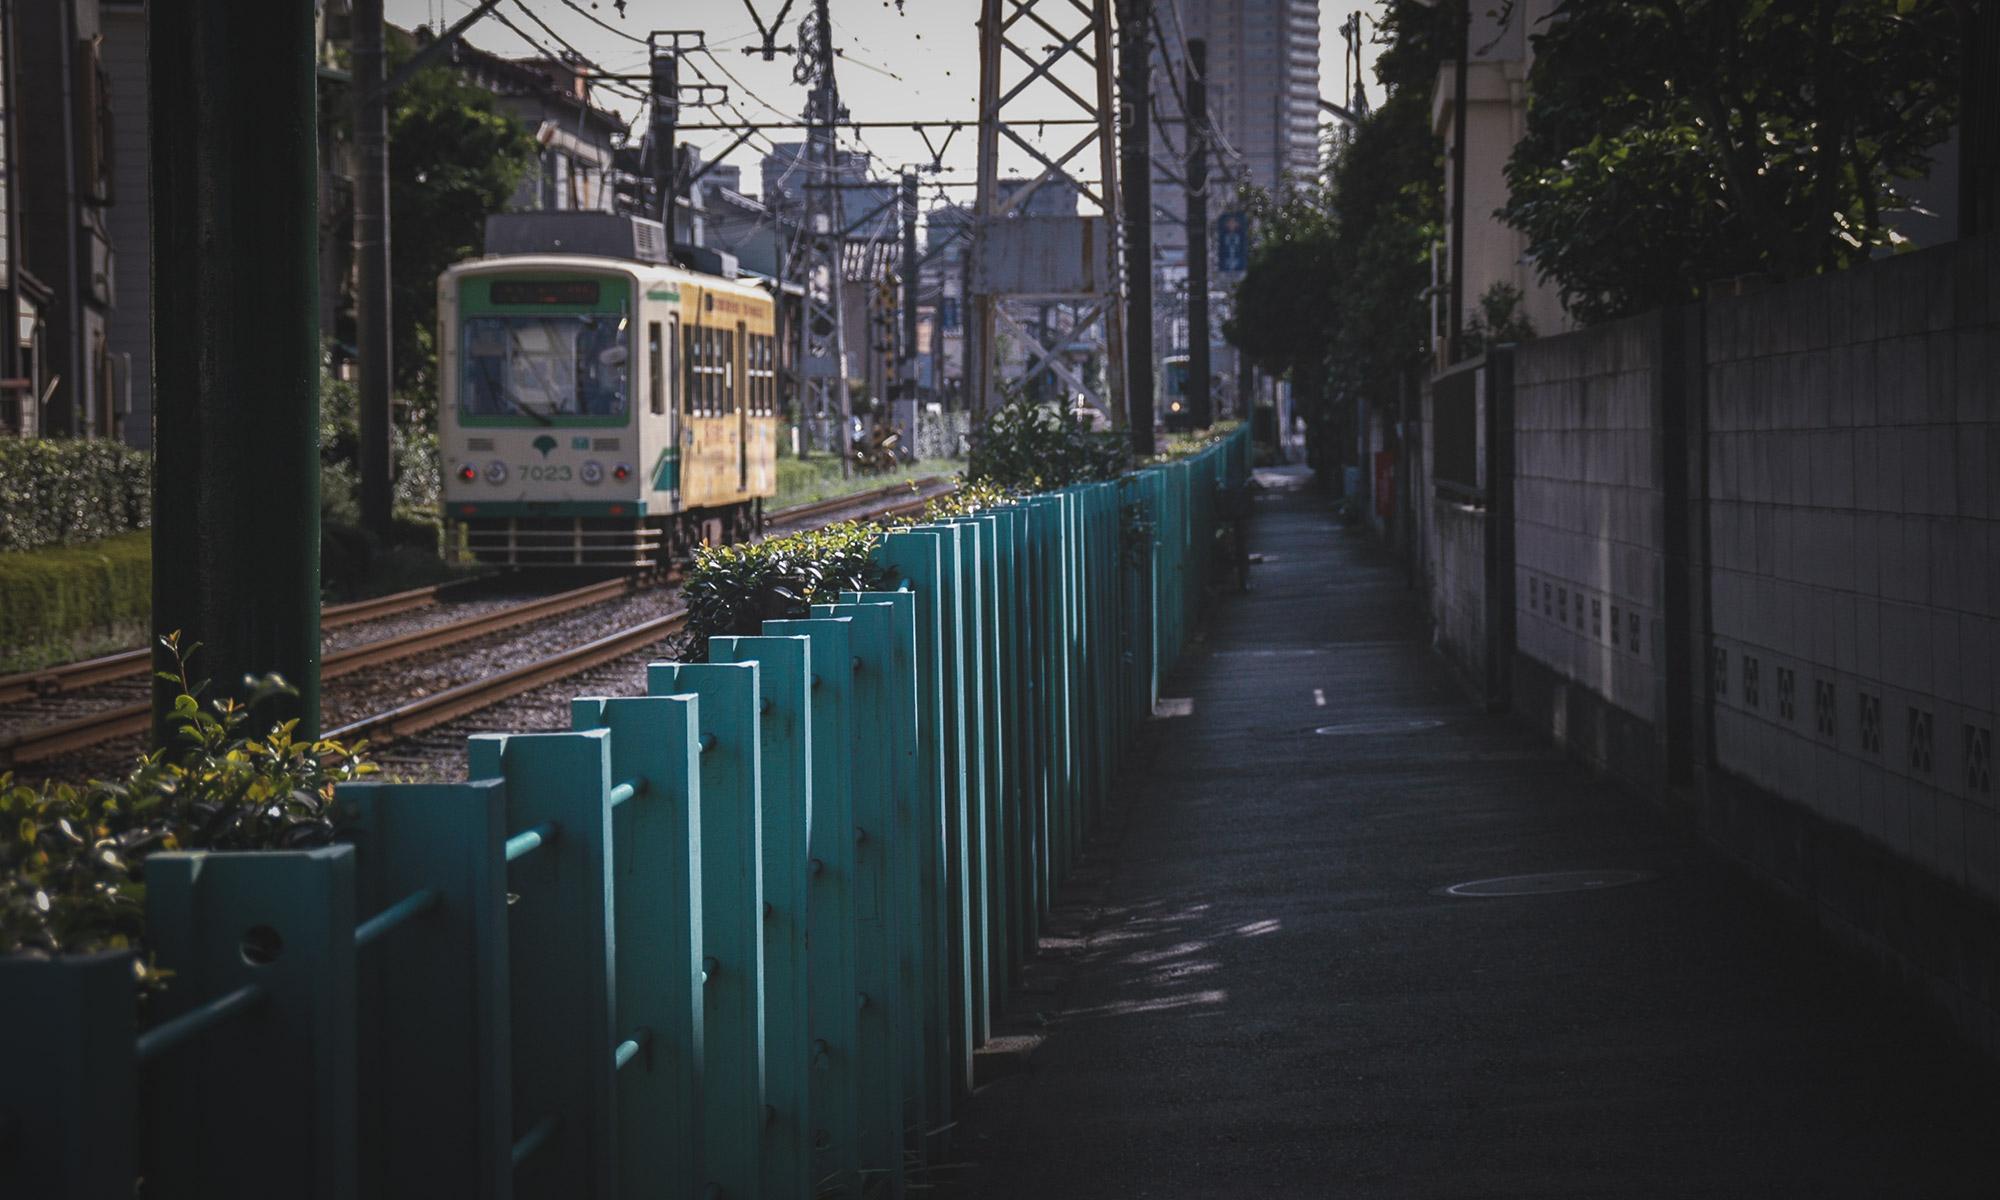 東京都北区滝野川1丁目付近を走る都電